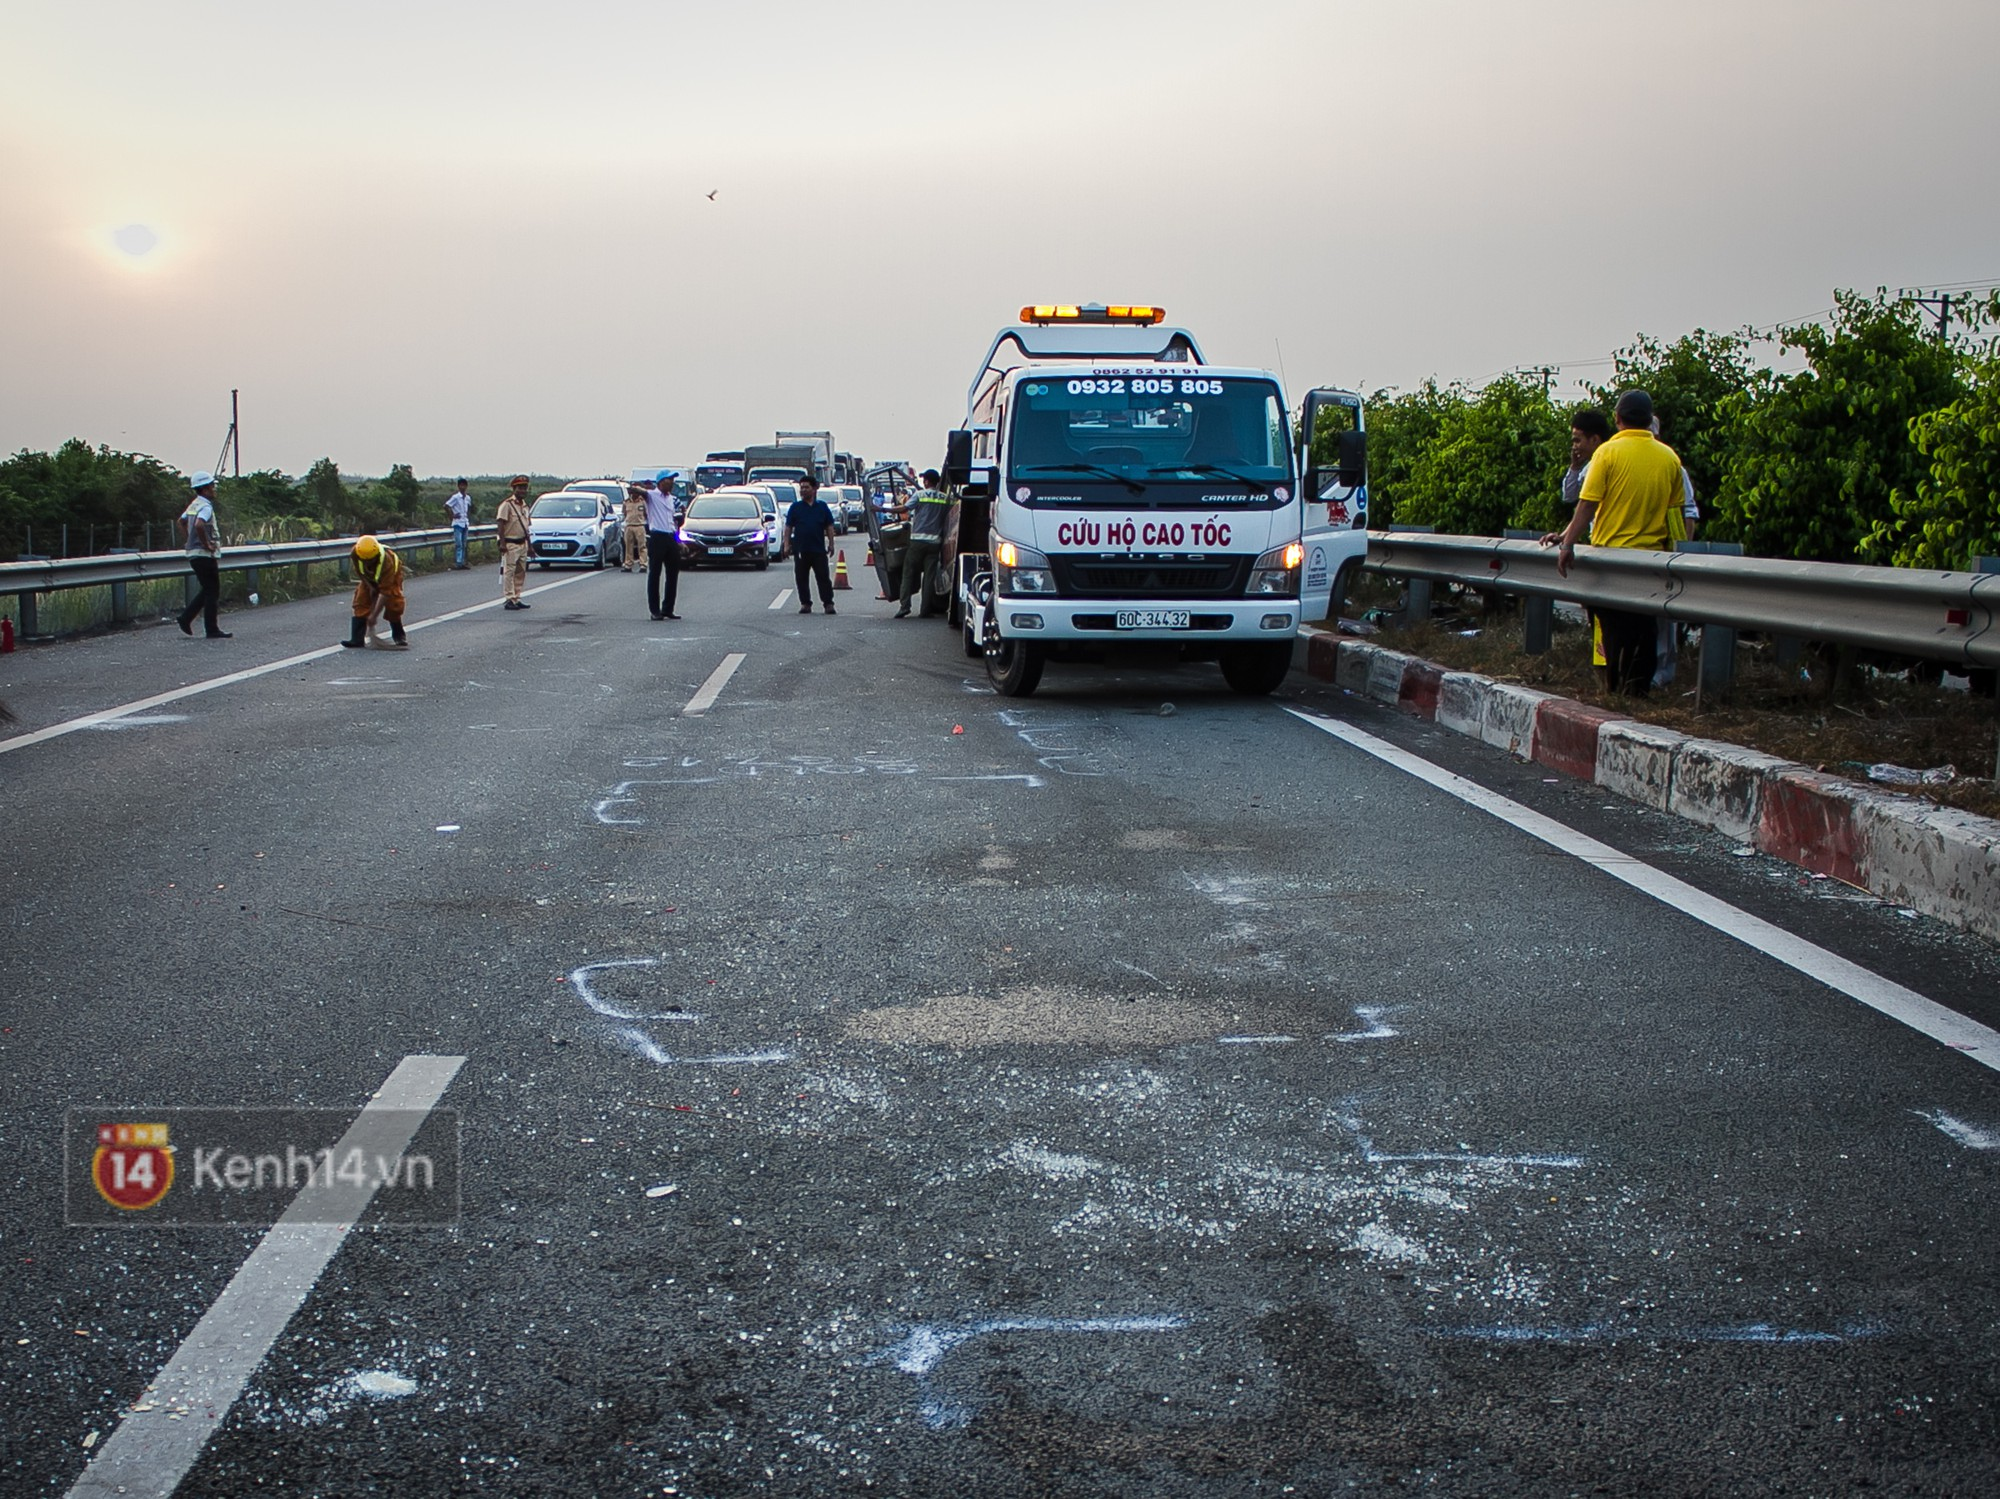 Hành khách ẵm con cuốc bộ trên cao tốc Long Thành sau vụ tai nạn liên hoàn khiến cả tuyến đường kẹt cứng - Ảnh 7.